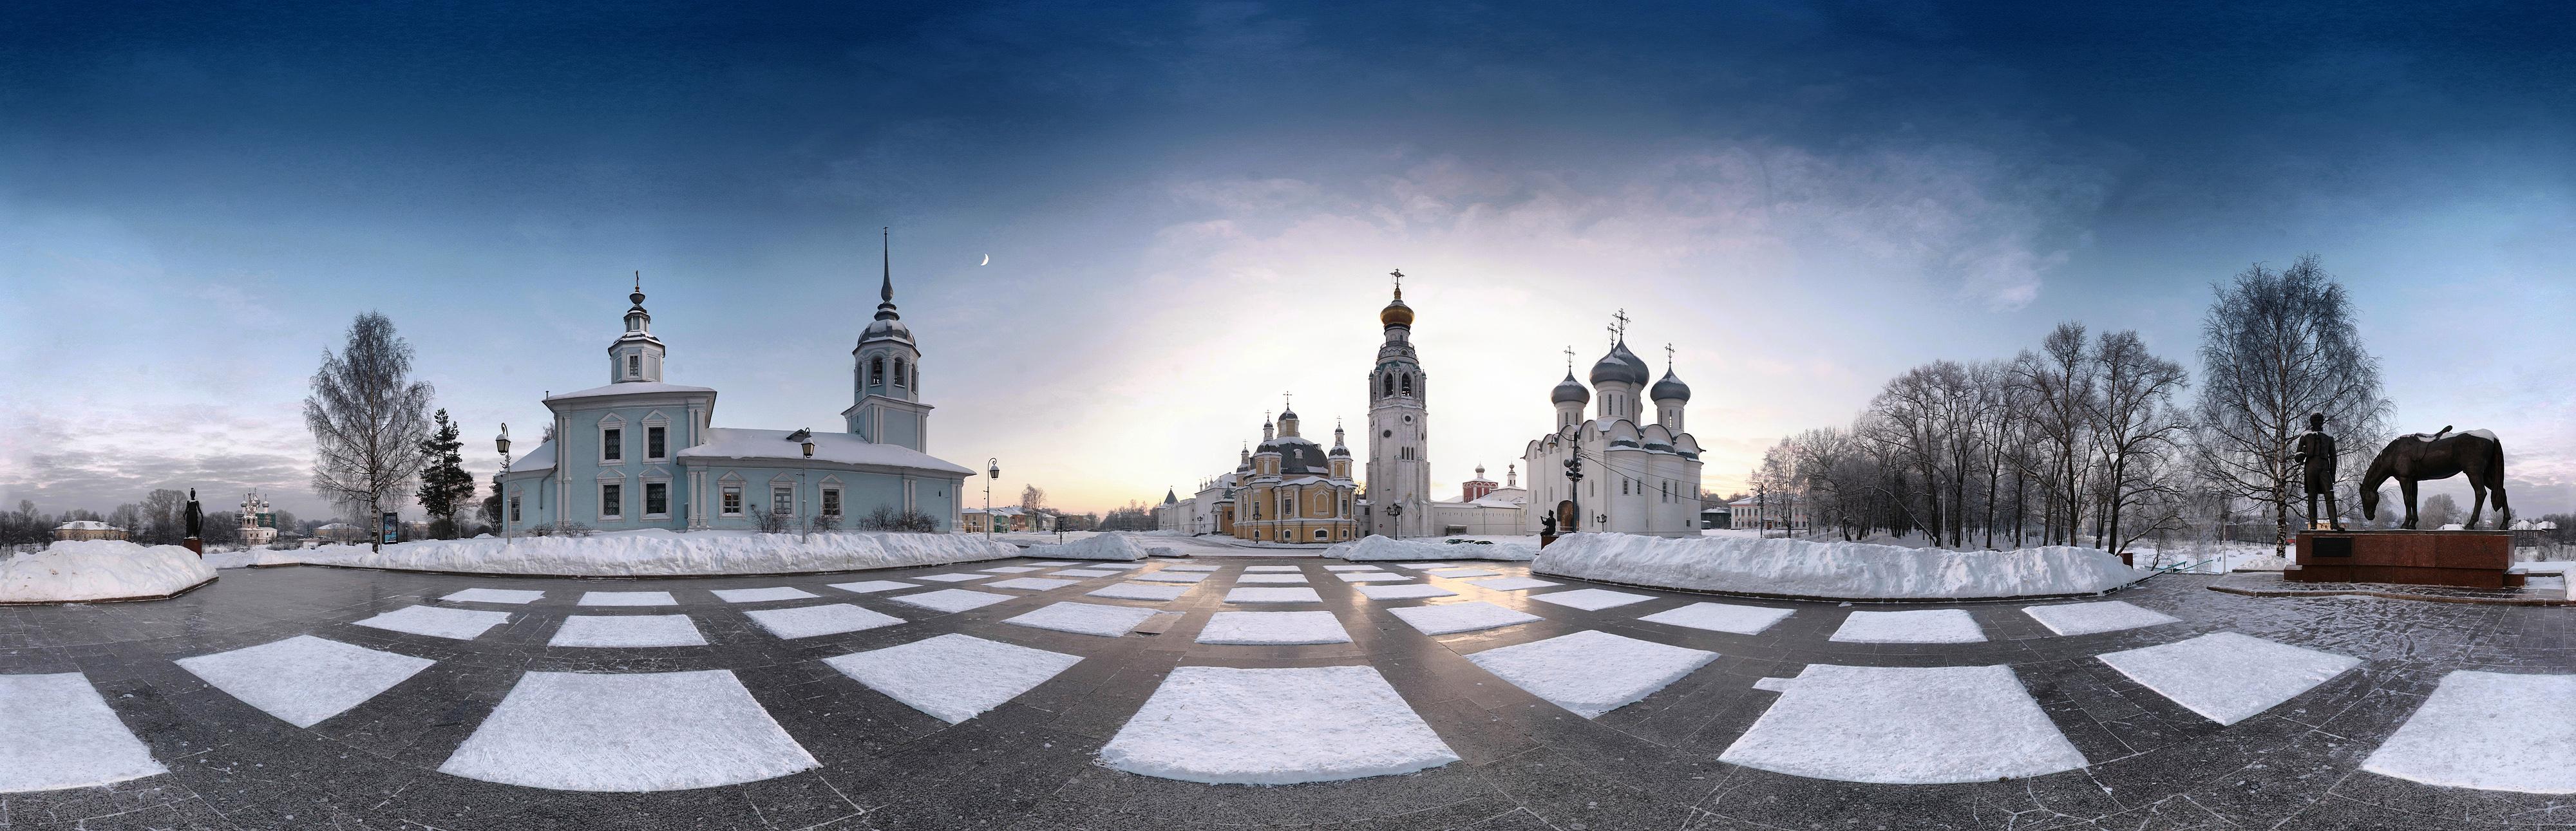 Зимняя панорама Соборной горки